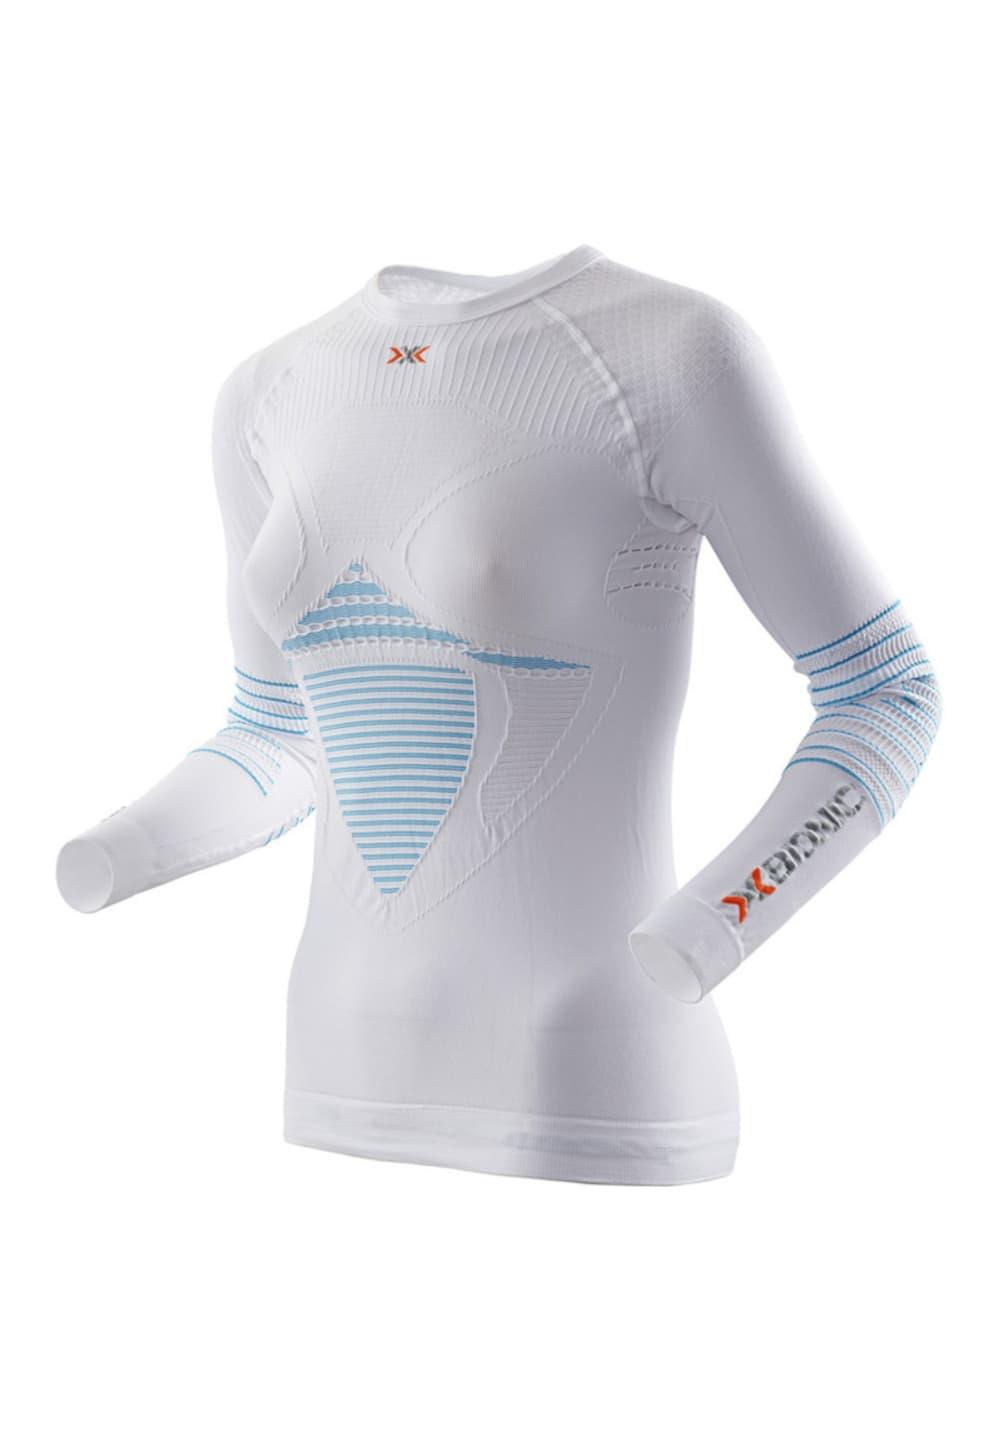 X-Bionic Energizer Mk2 Uw Longsleeve Shirt - Fitnessshirts für Damen - Weiß, G